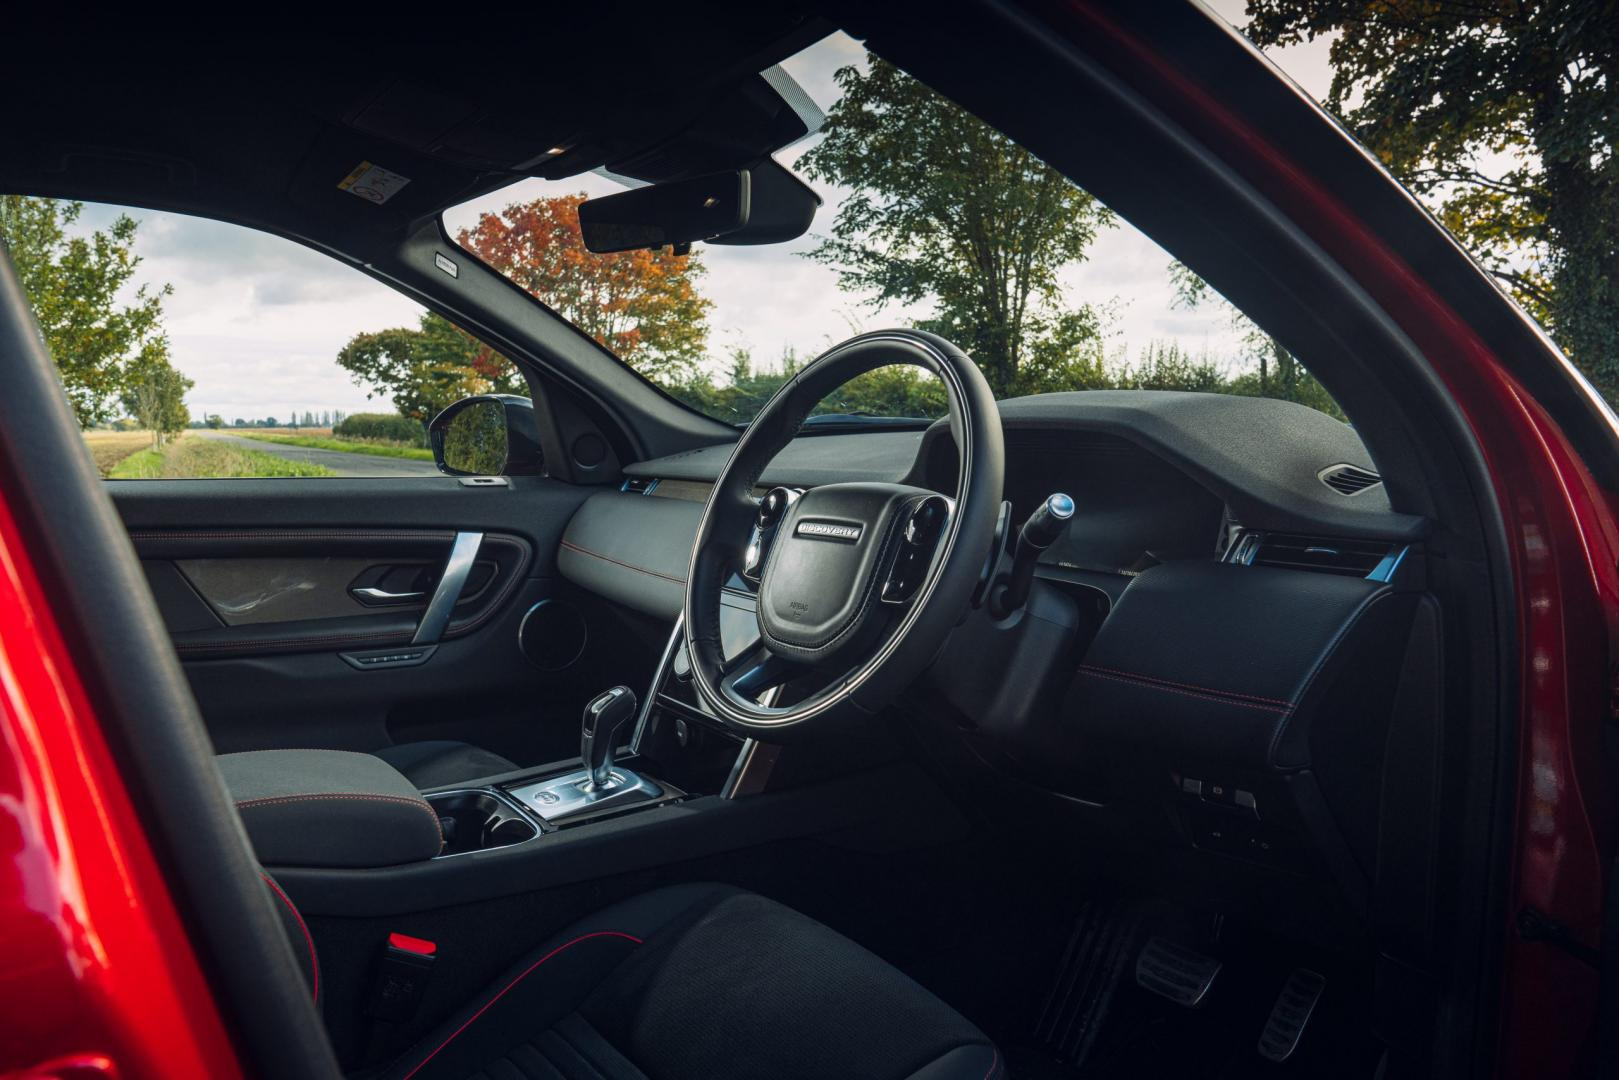 Retro Land Rover Discovery Sport (2021)